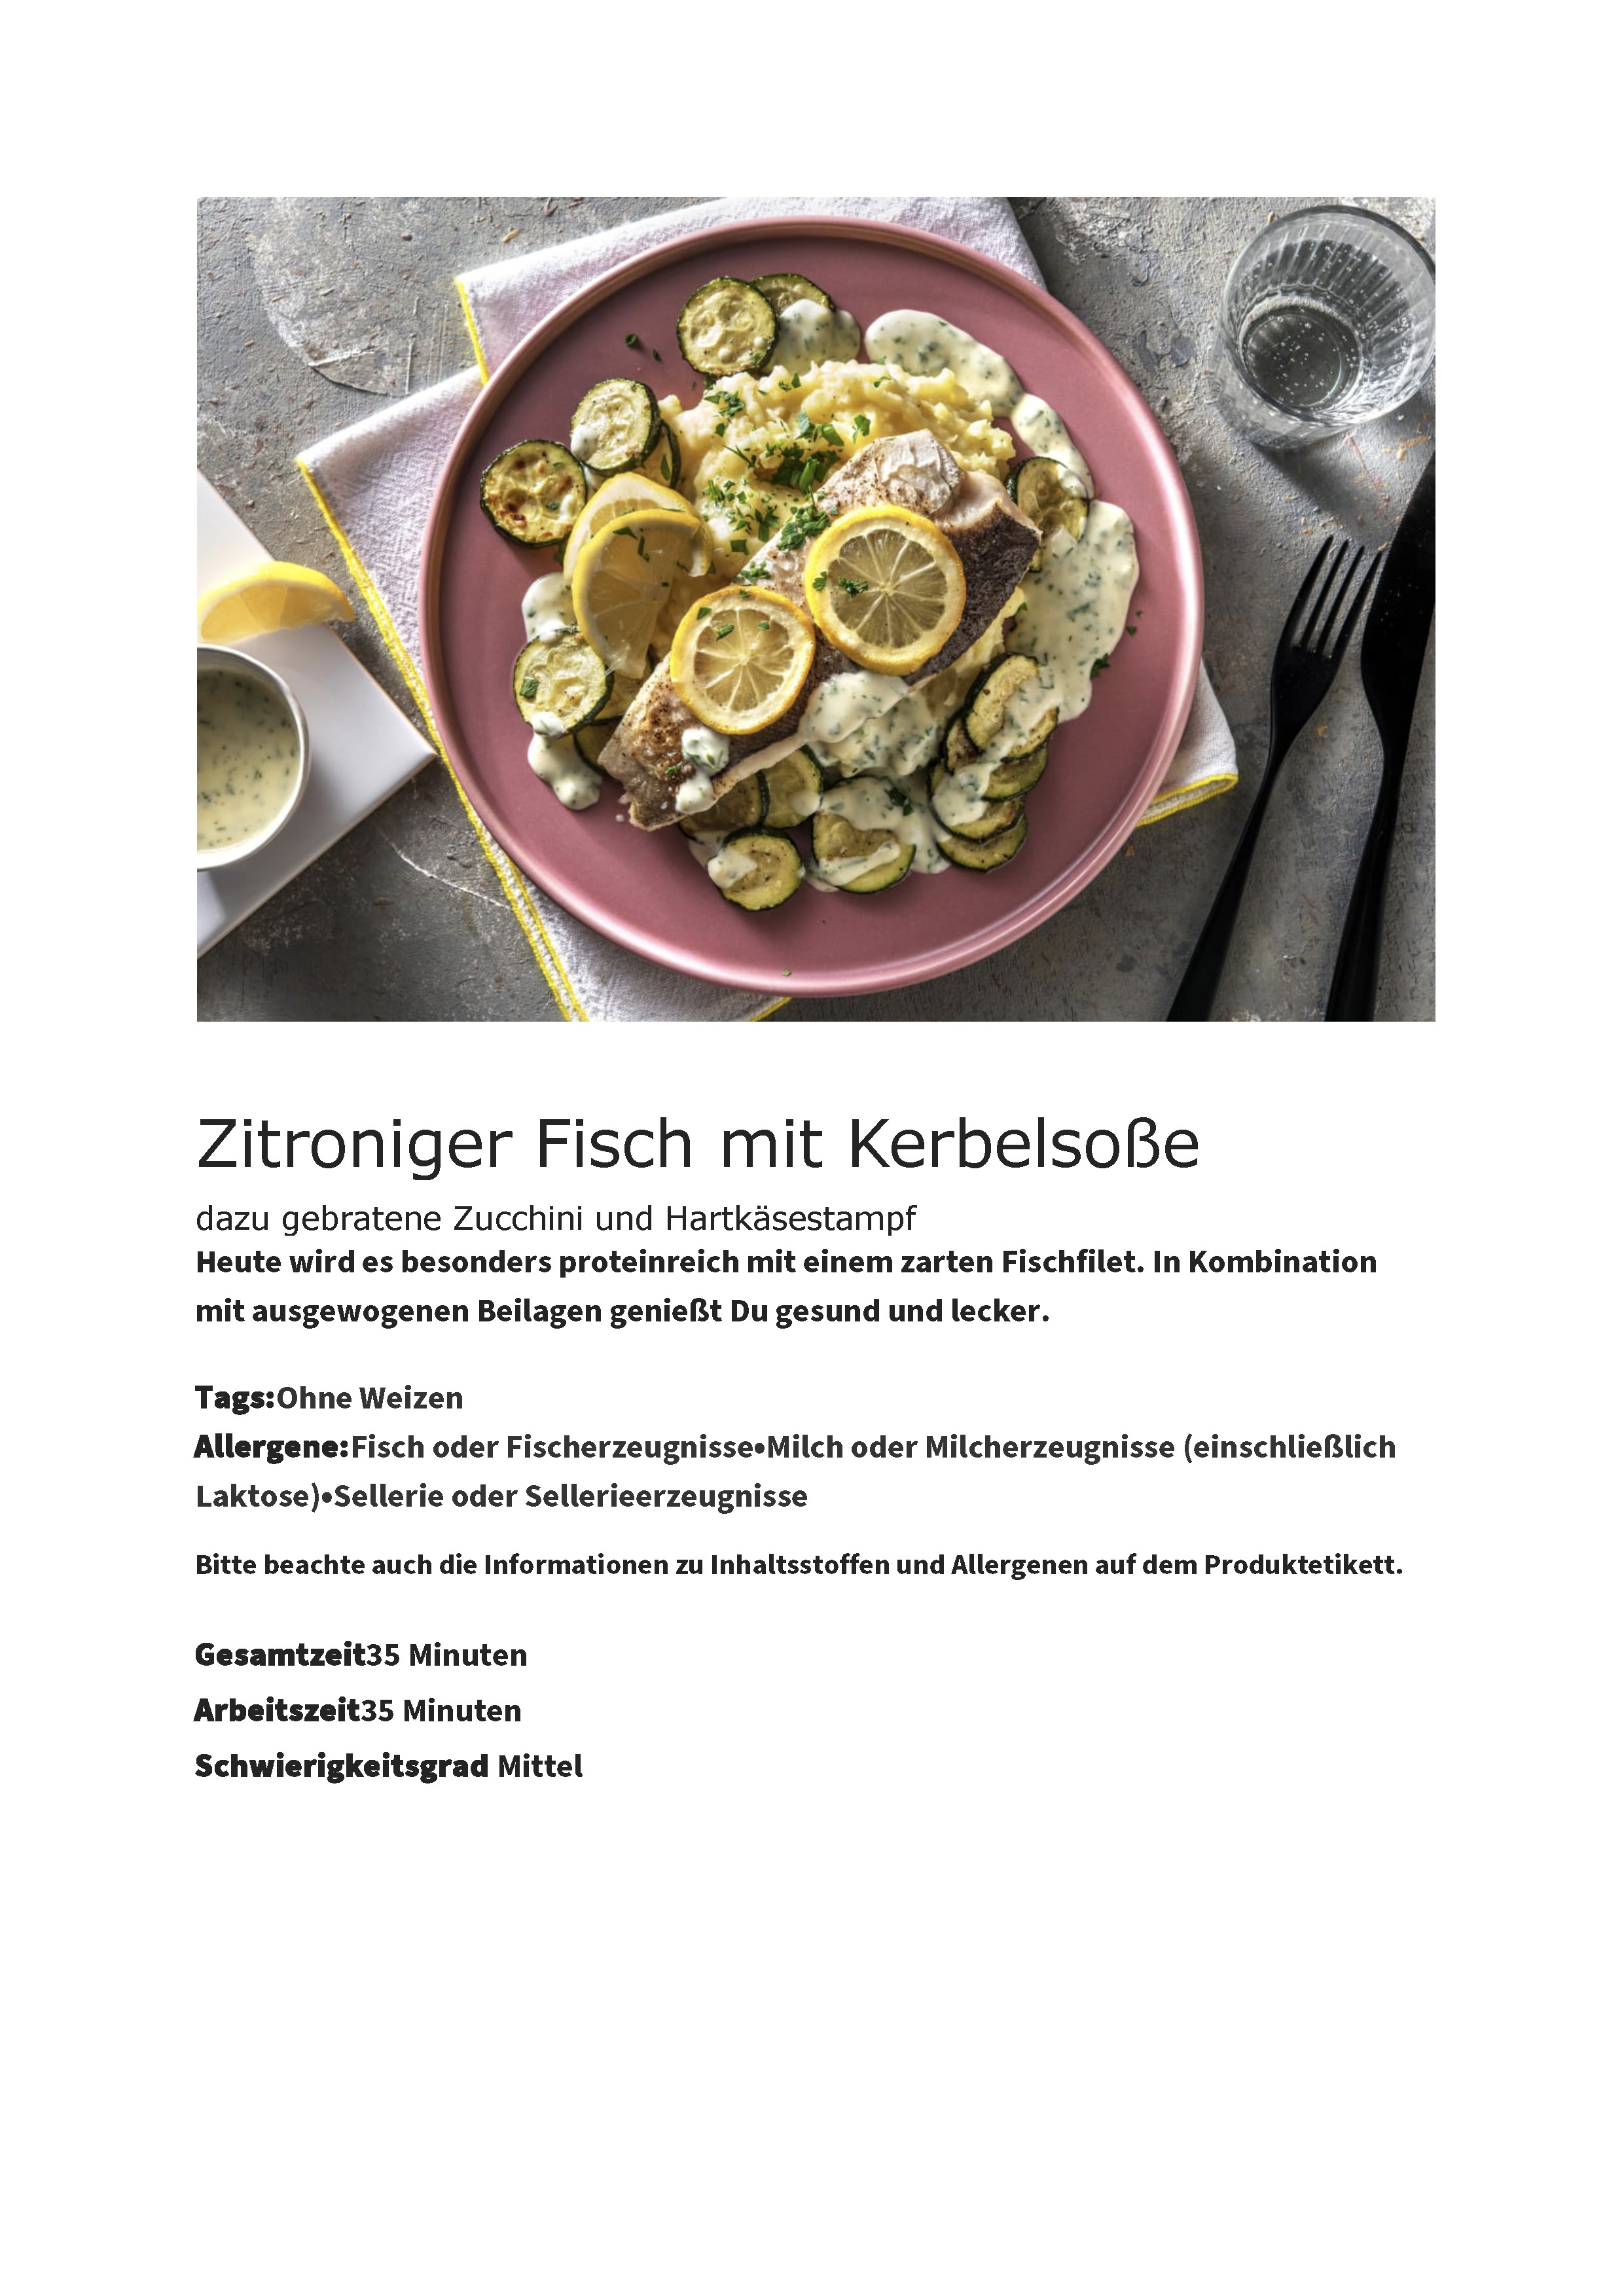 KW_20-Zitroniger-Fisch-mit-Kerbelsosse_GER_Seite_1